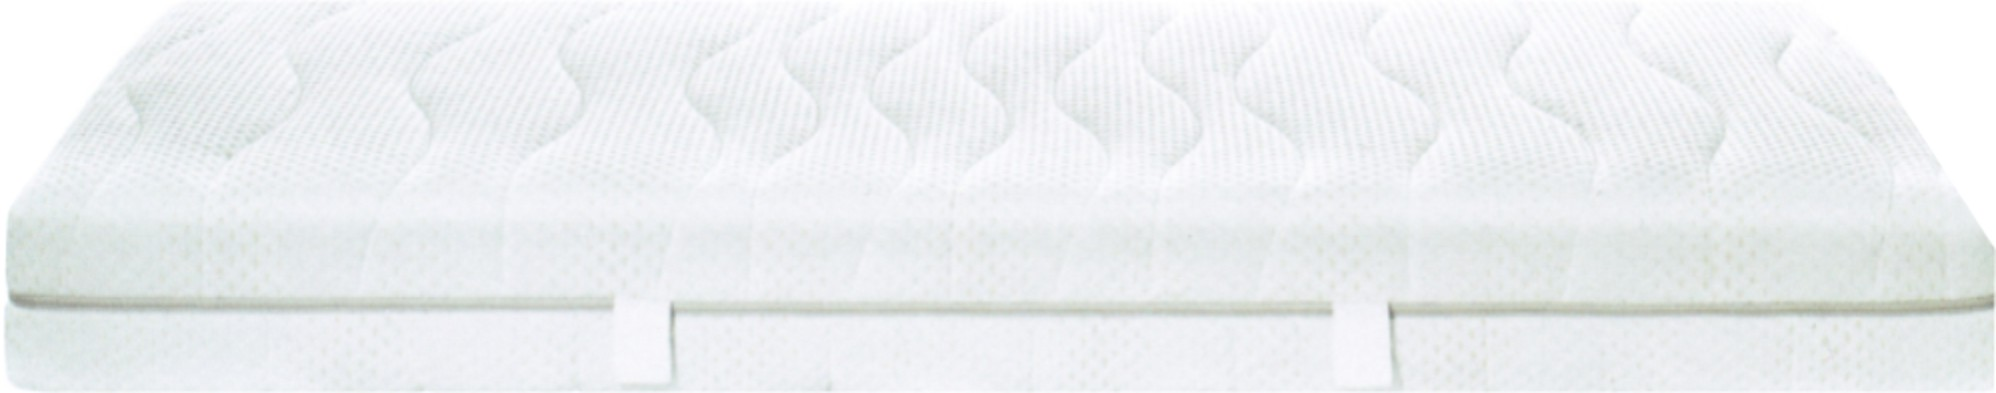 Latexmatratrze Latexan-bodyfit-Bezug